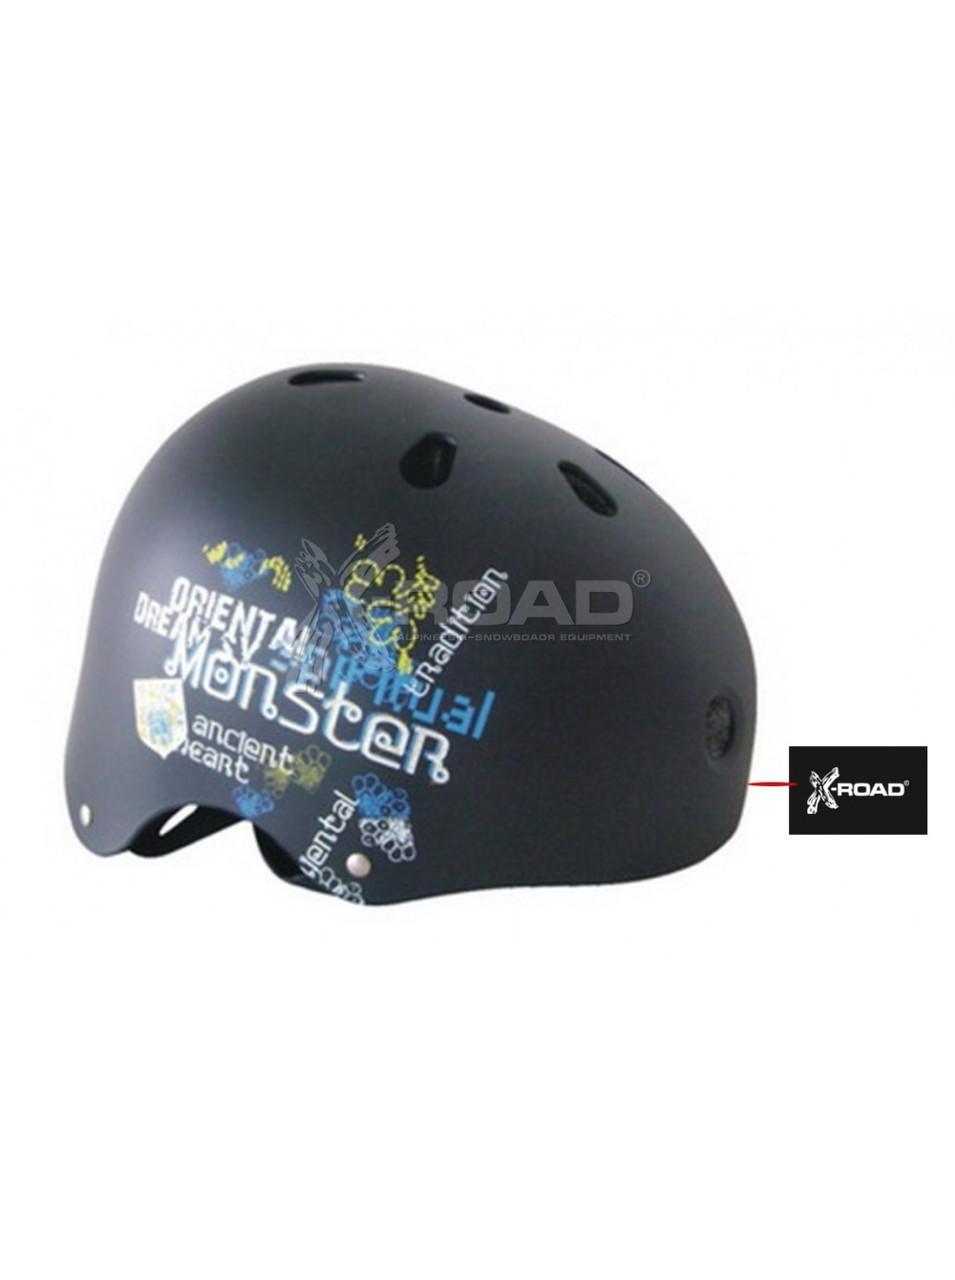 Шолом захисний для ролерів , скейтерів. сноубордистів X-ROAD PW 902-221